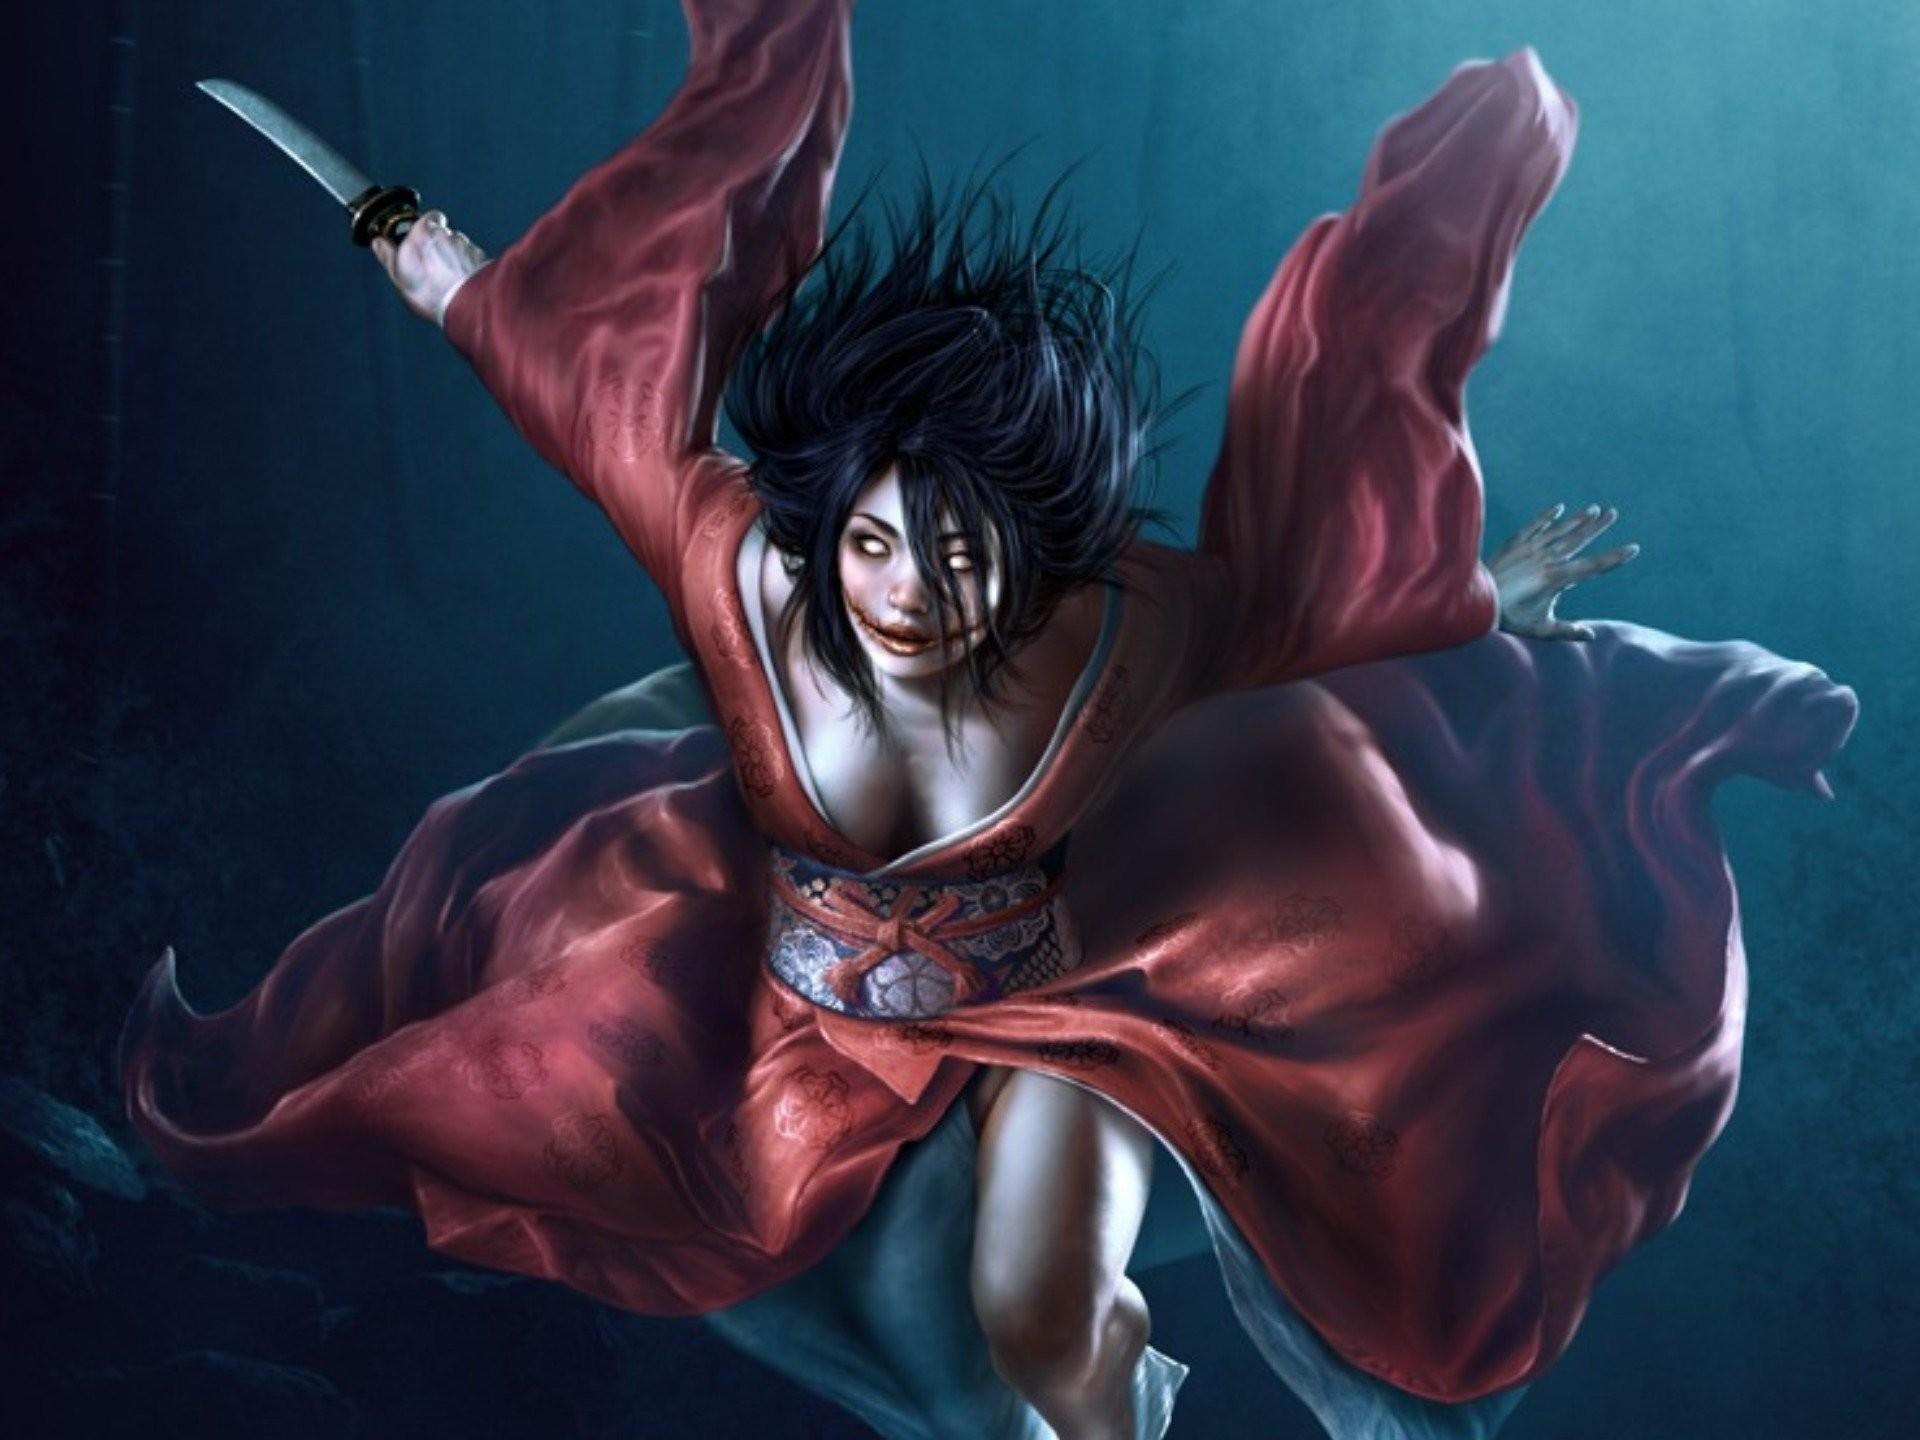 Res: 1920x1440, iphone, japanese, demon, woman,horror, monster, warrior, kimono,  artworks,free images, girl dark, art, mobile Wallpaper HD